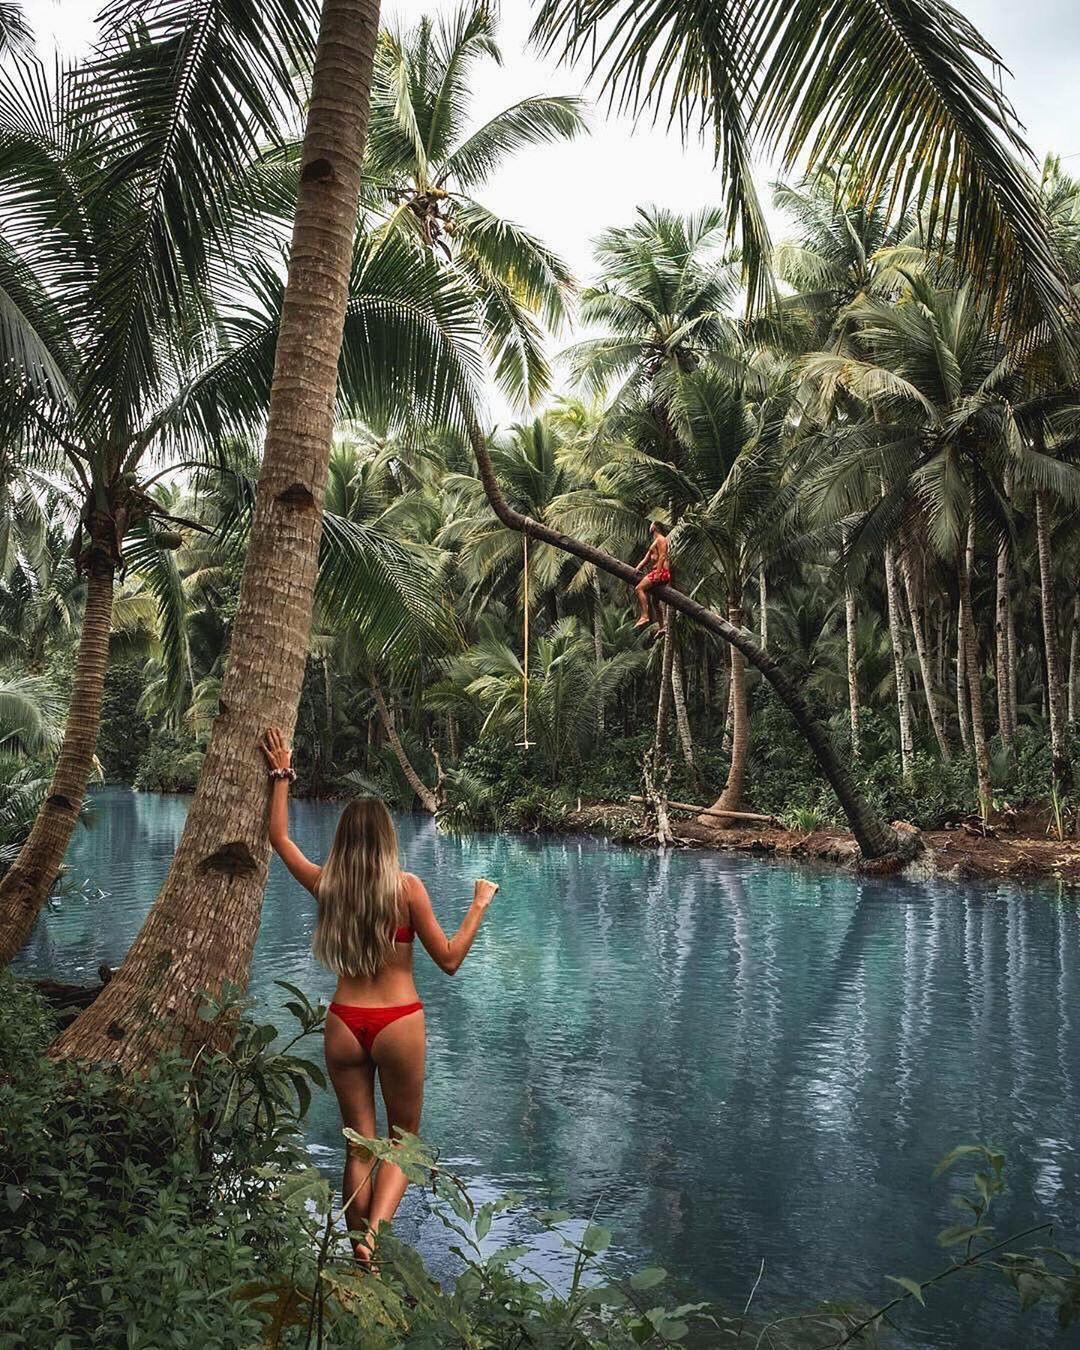 Vượt qua cả Bali và Hawaii, ốc đảo hình giọt nước kỳ lạ ở Philippines được tạp chí Mỹ bình chọn đẹp nhất thế giới - Ảnh 13.